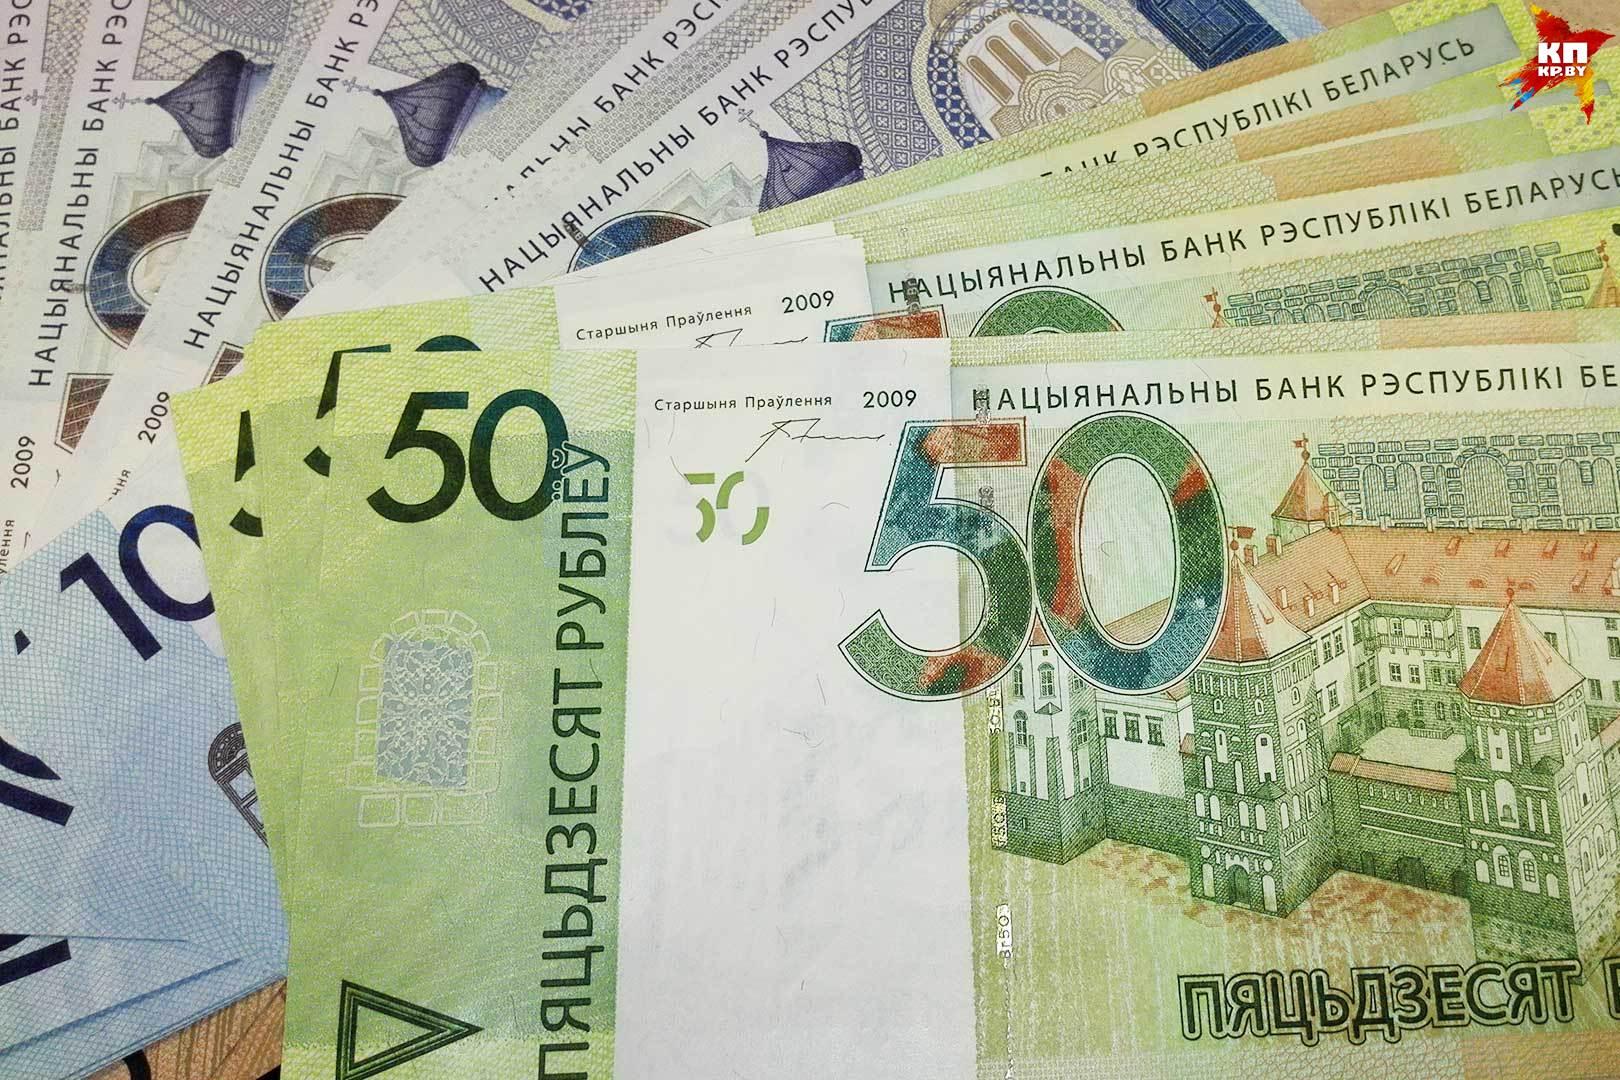 Благосостояние белорусов: 1259 долларов на каждого взрослого.